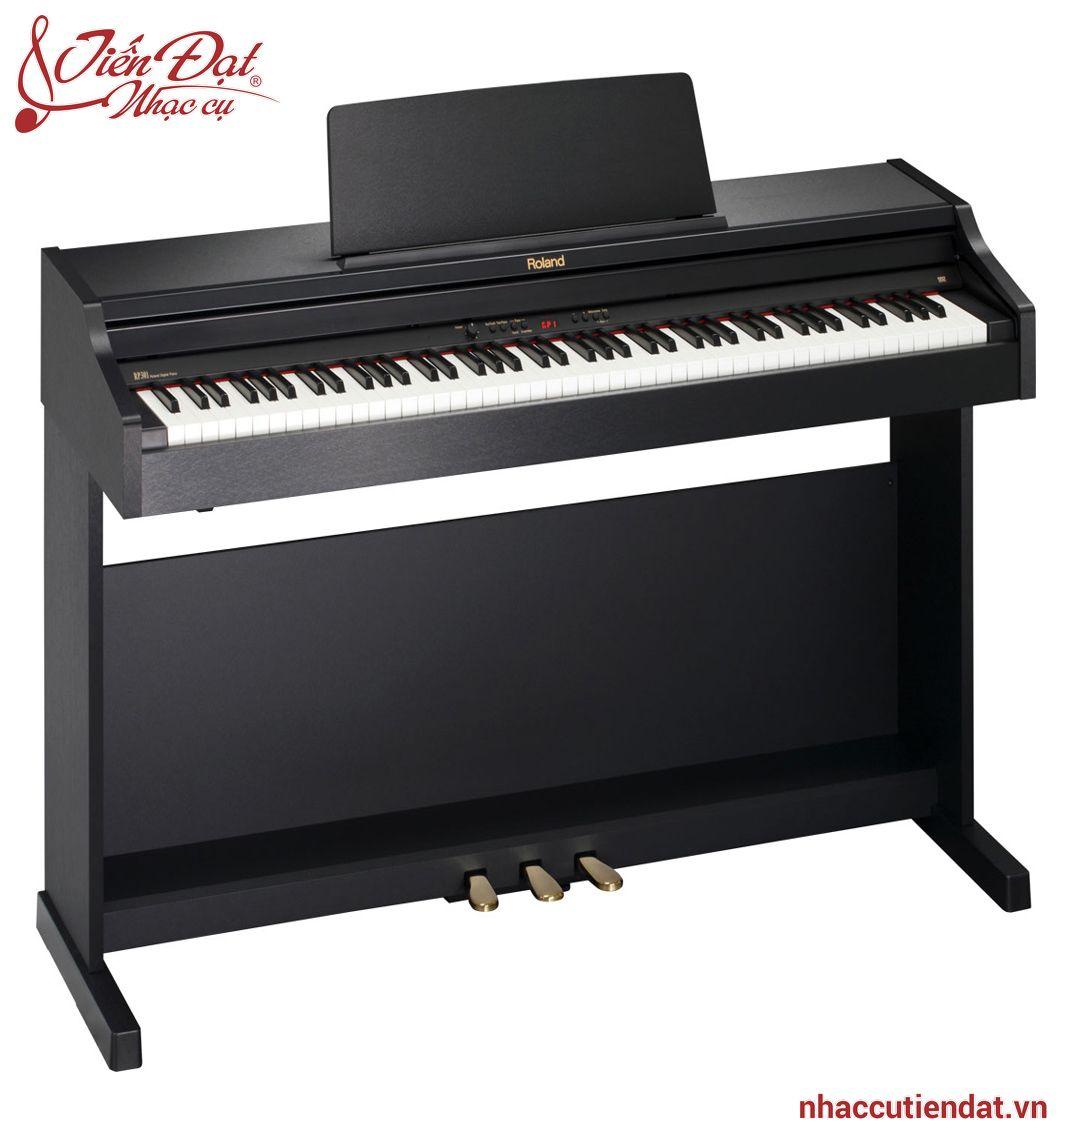 PIANO ROLAND RP-301R